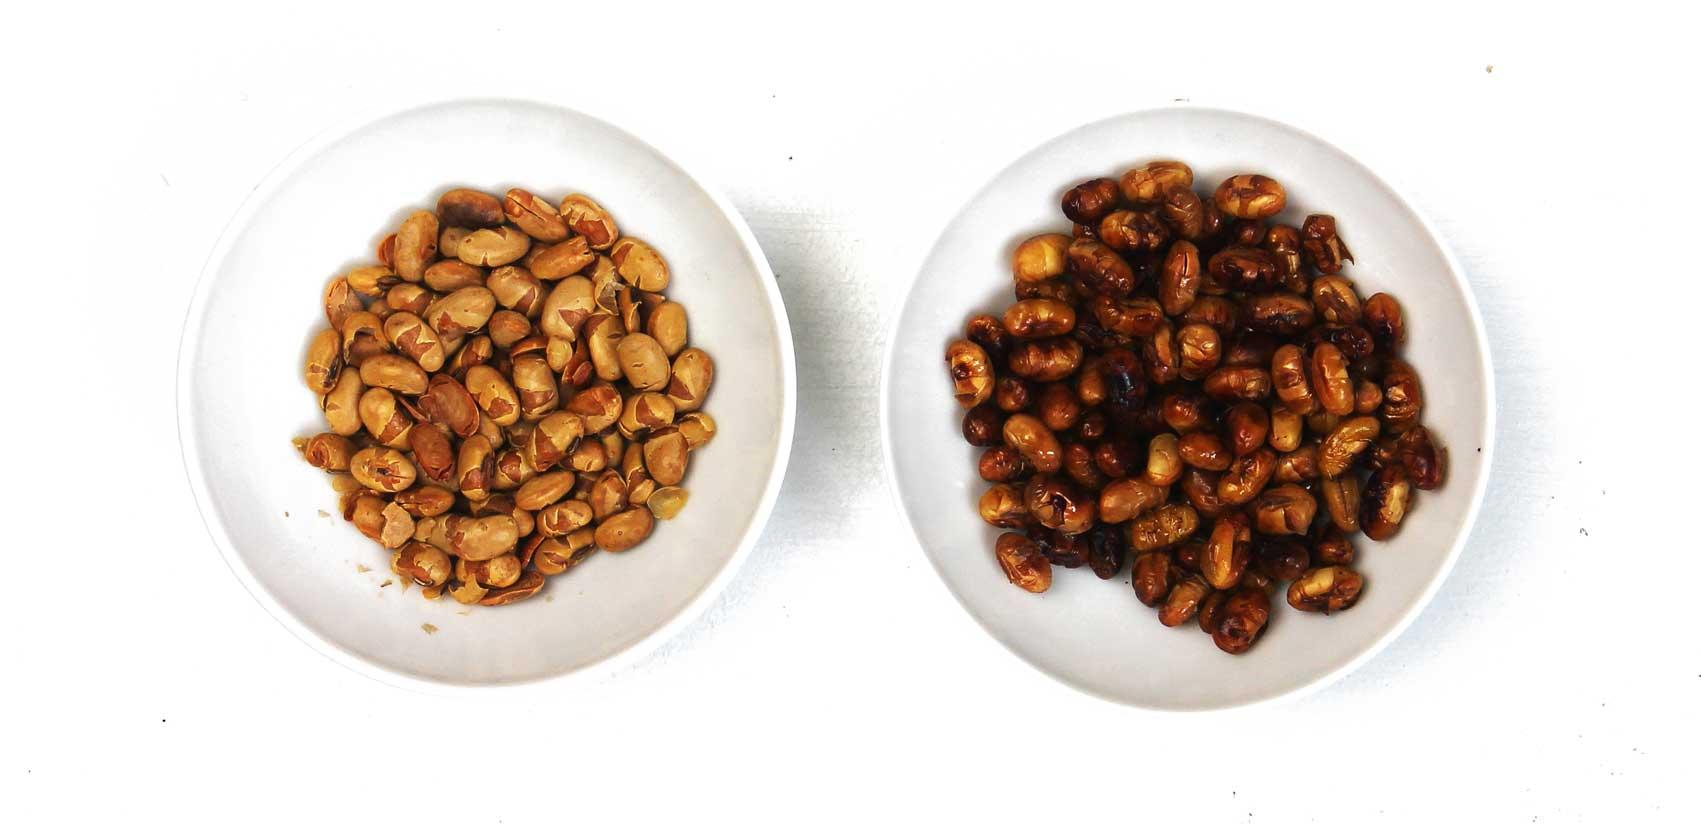 geröstete Sojabohnen